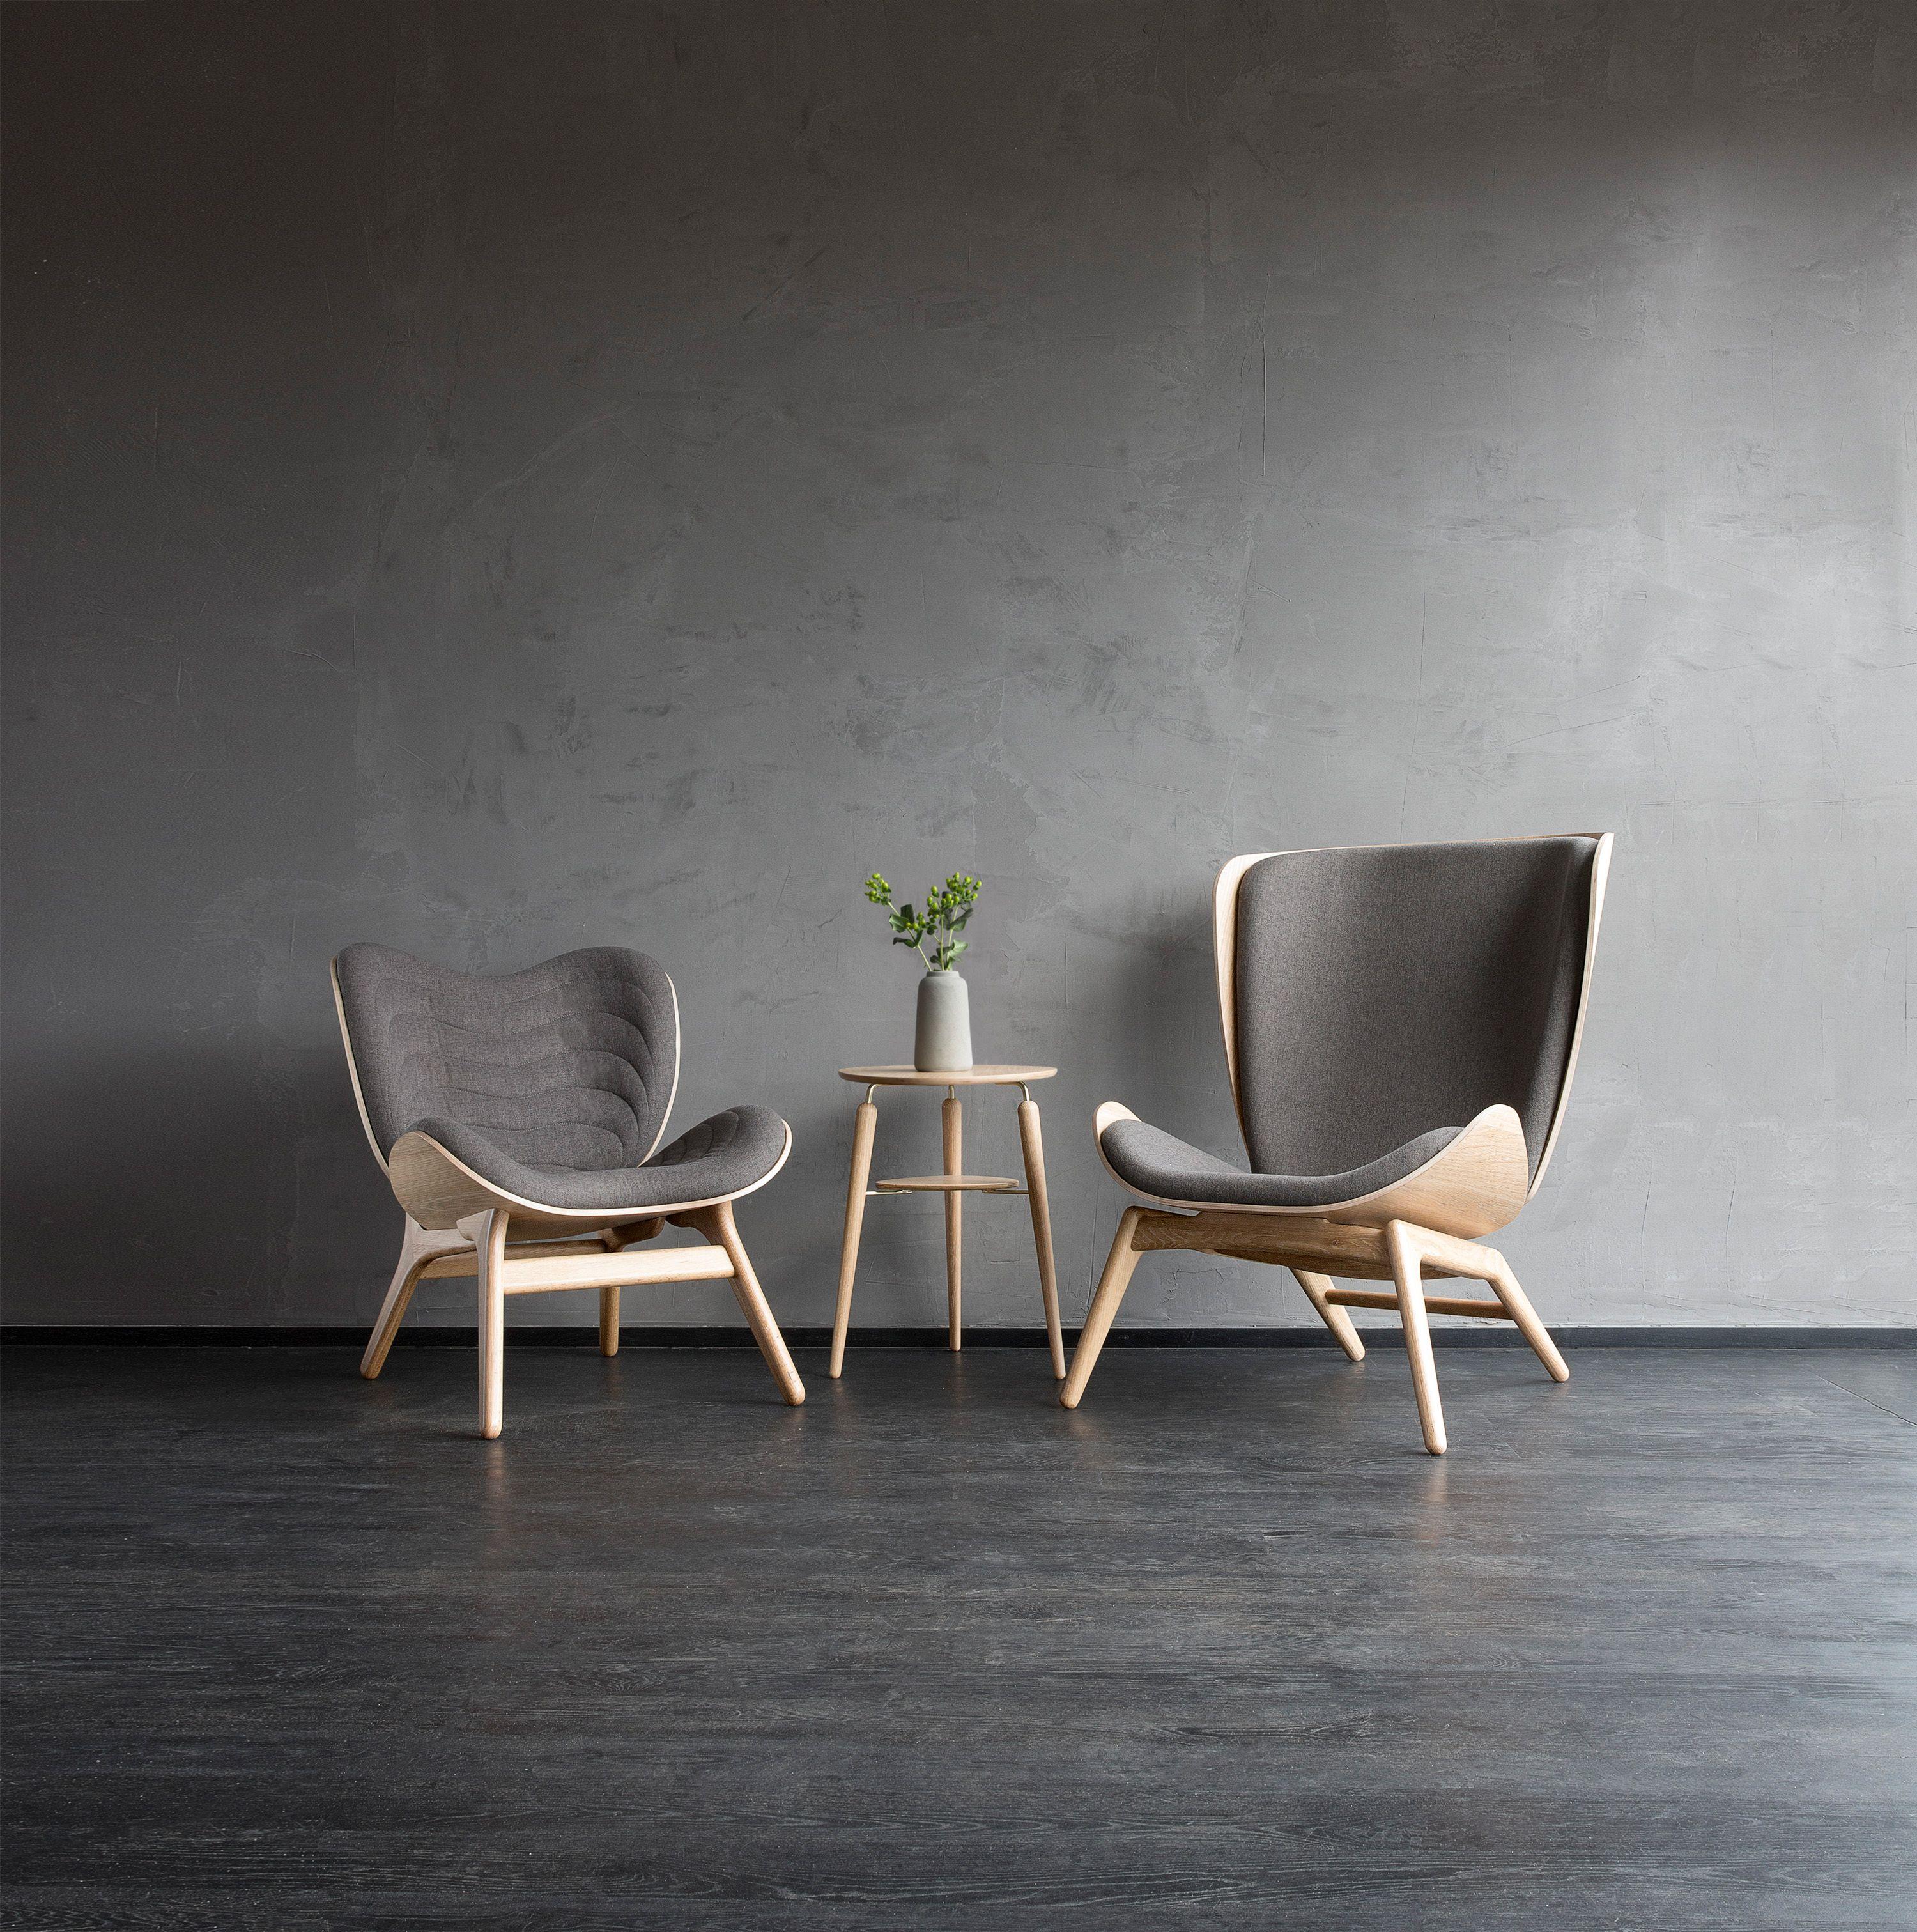 Nous Vous Presentons Ces Deux Fauteuils Au Design Scandinave Imagines Et Dessines Par Les Designers Da Idees De Meubles Relooking De Mobilier Mobilier De Salon